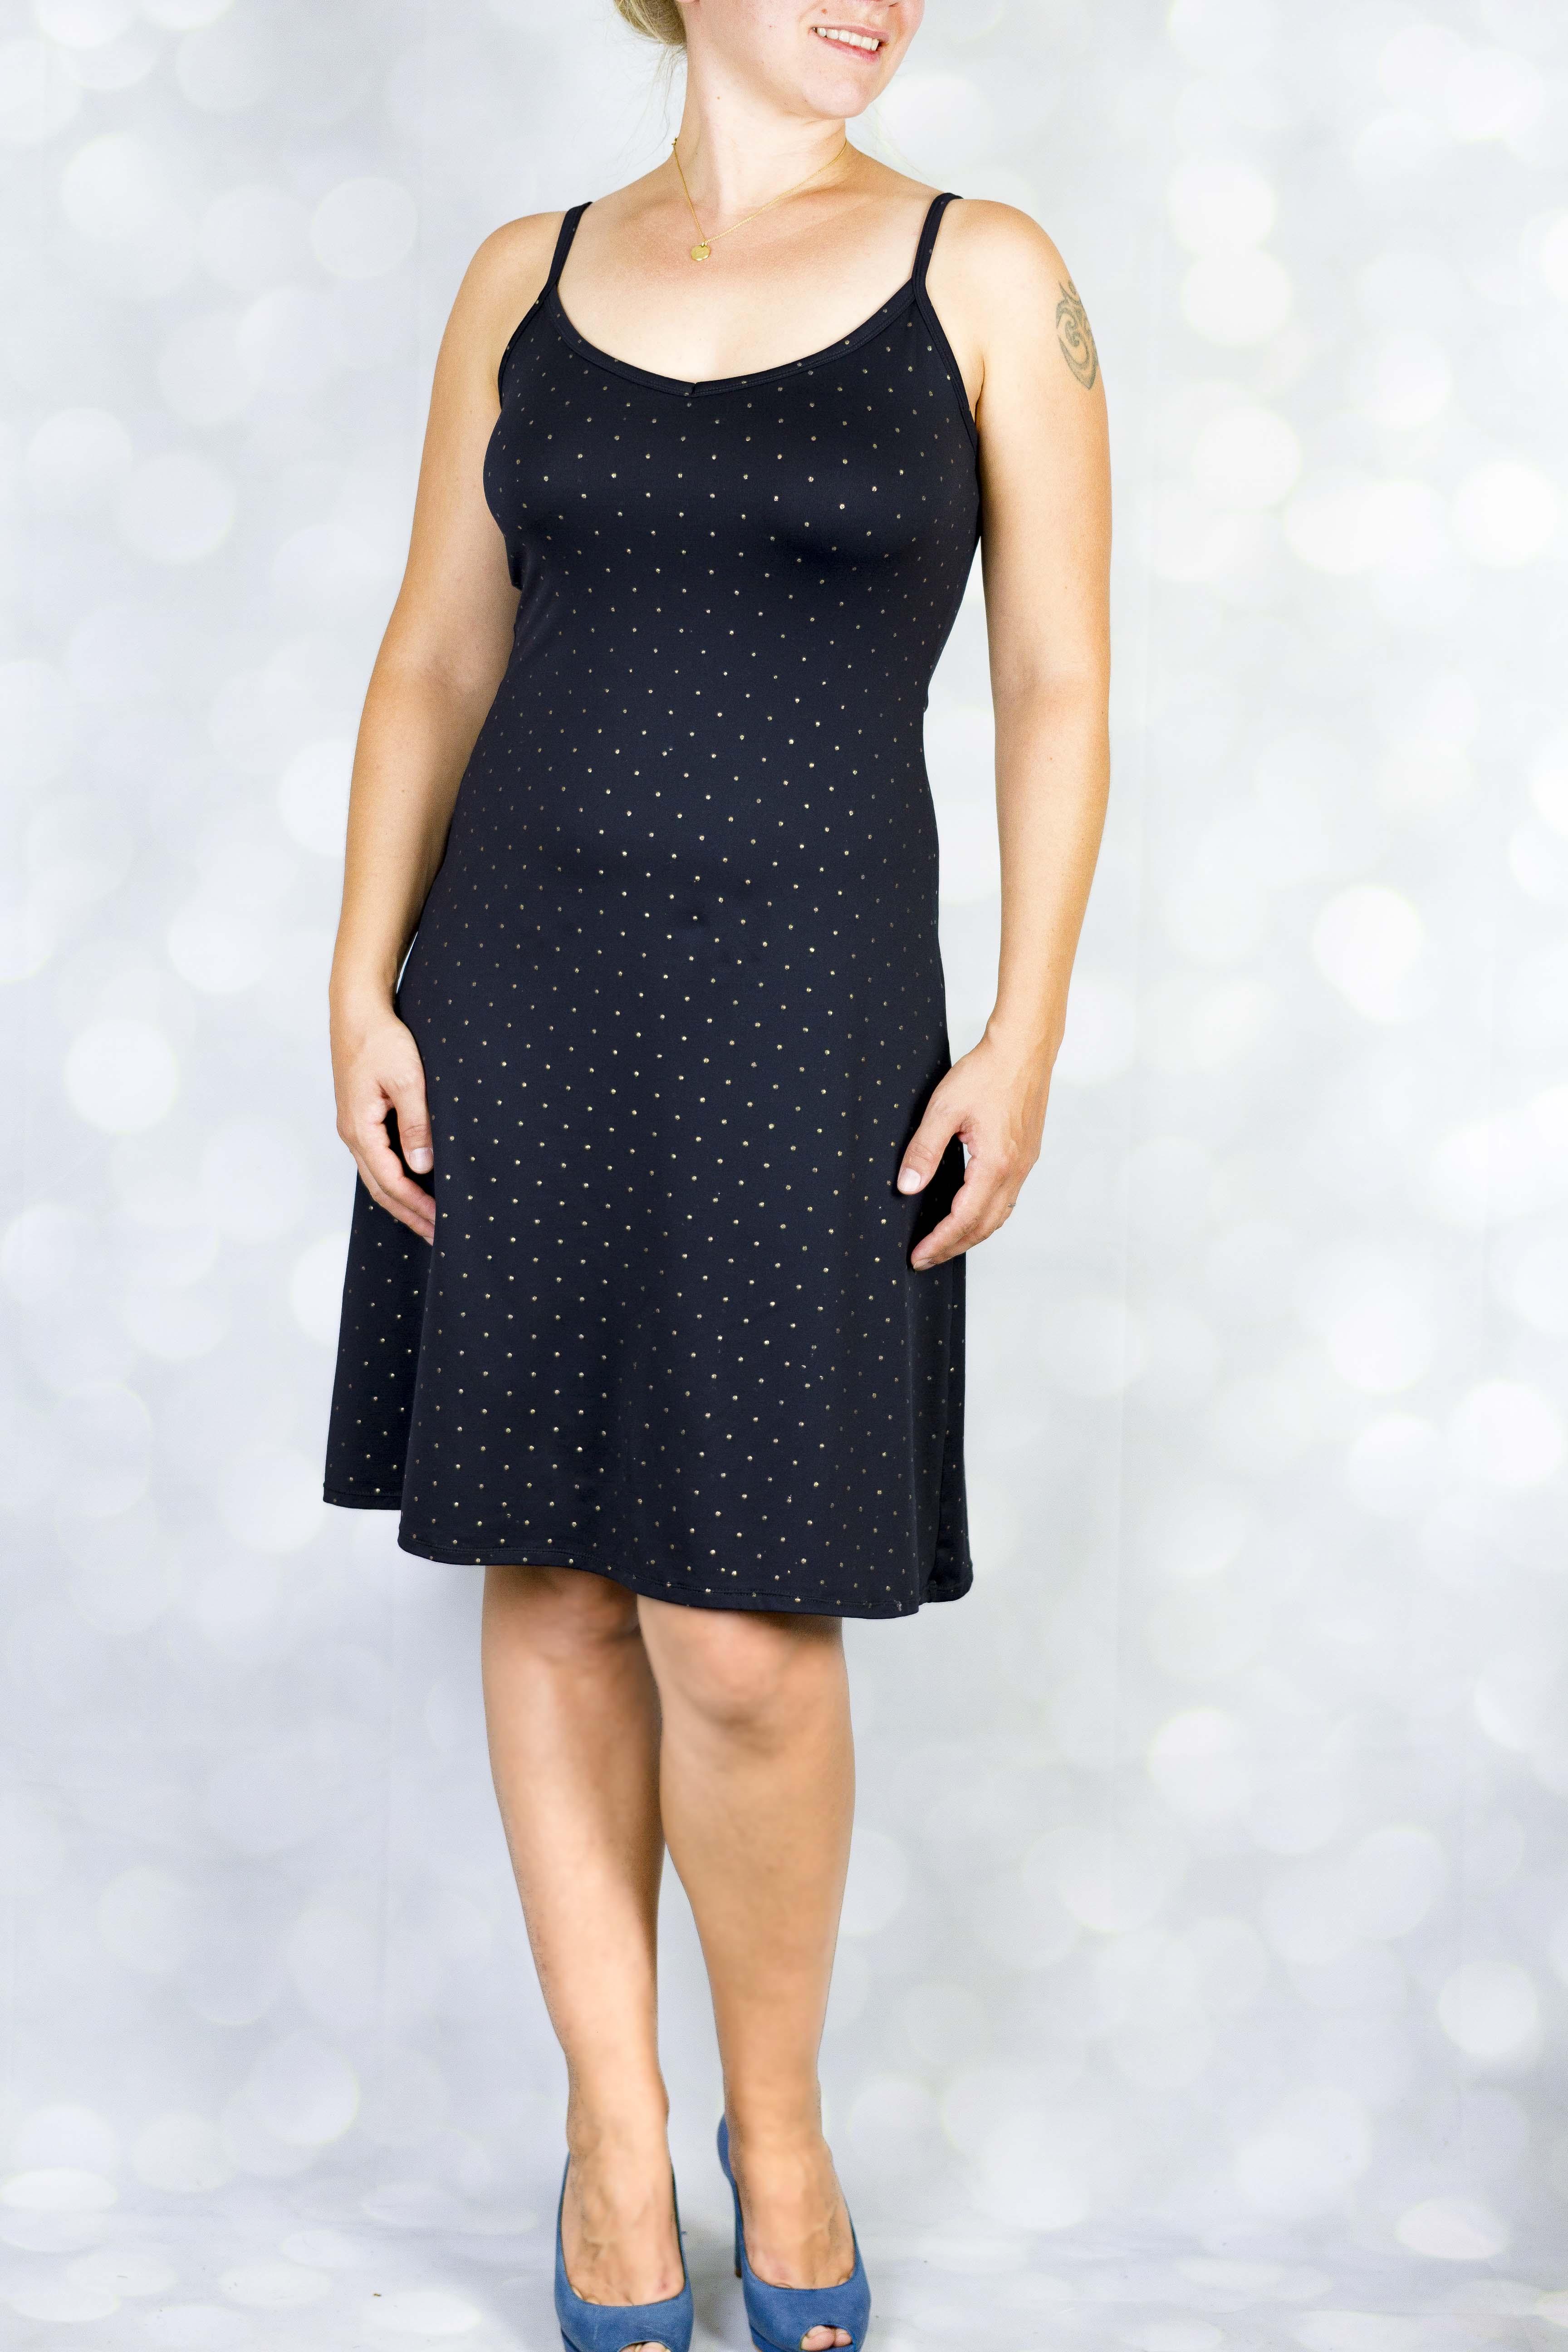 Lydia knit cami dress PDF sewing pattern